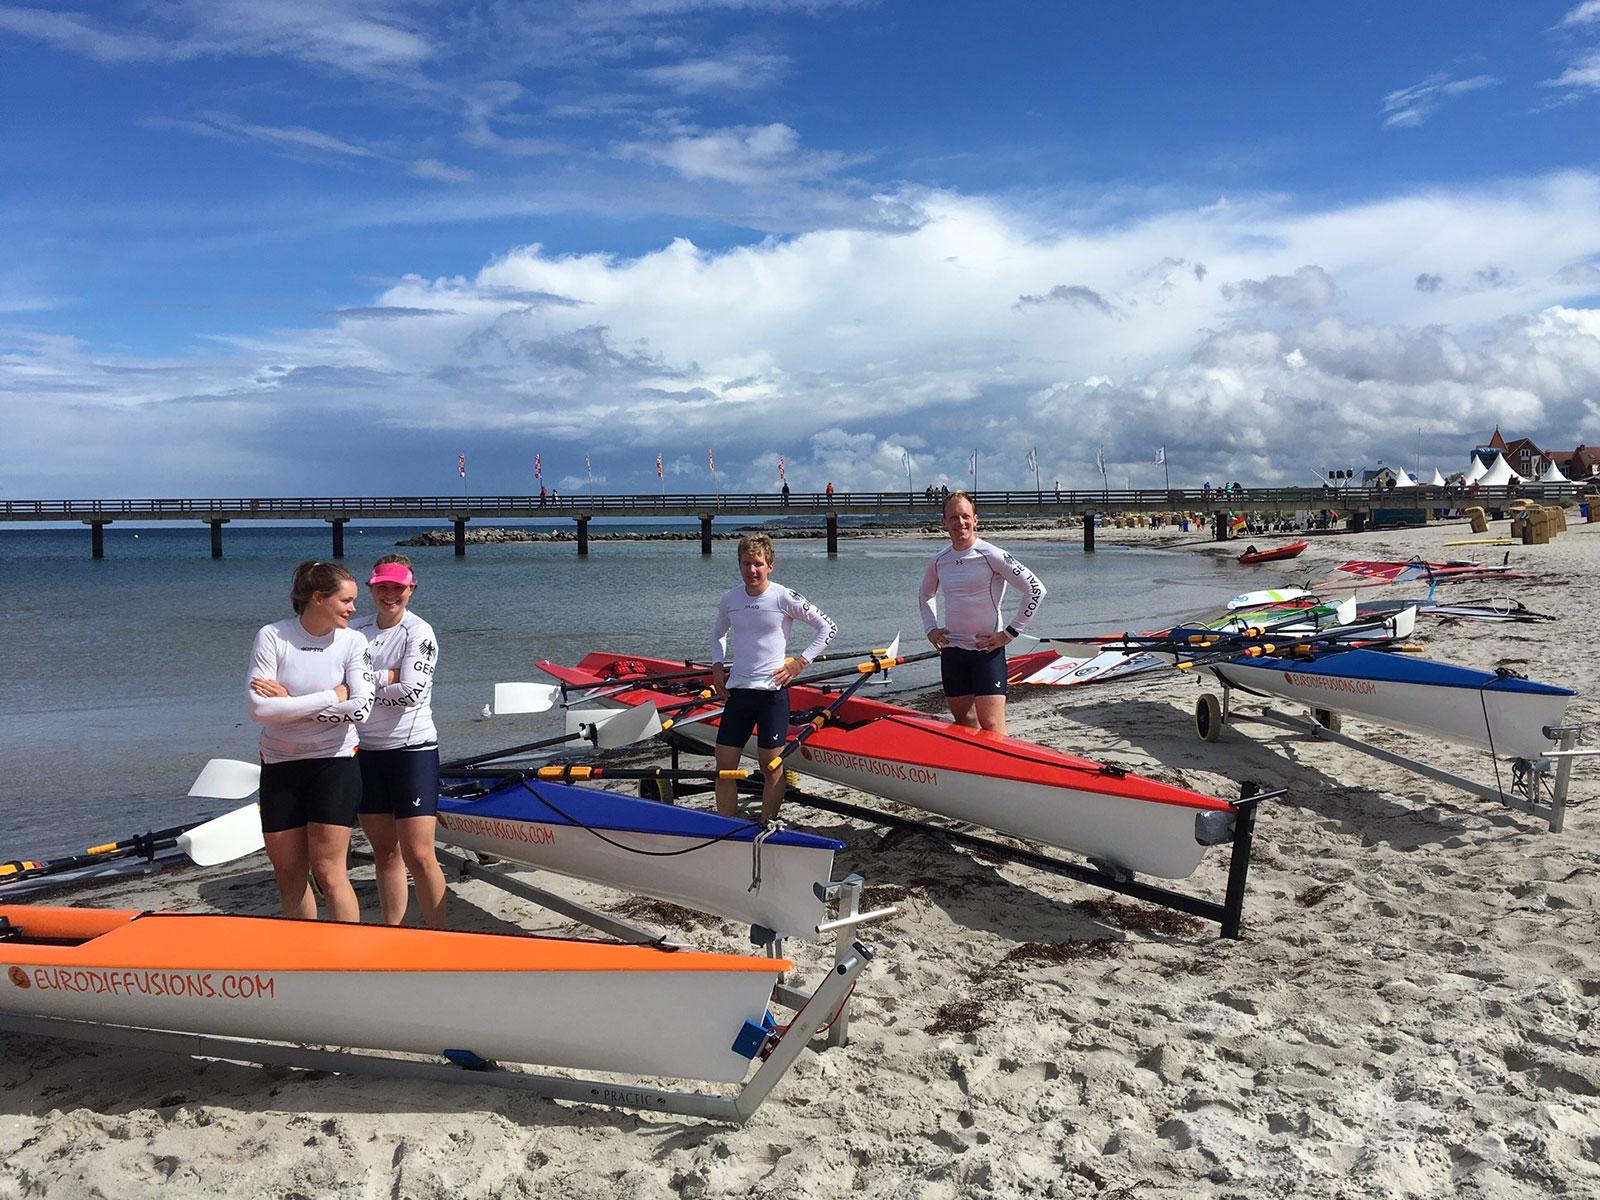 Coastal Team des EKRC beim Training am Schönberger Strand